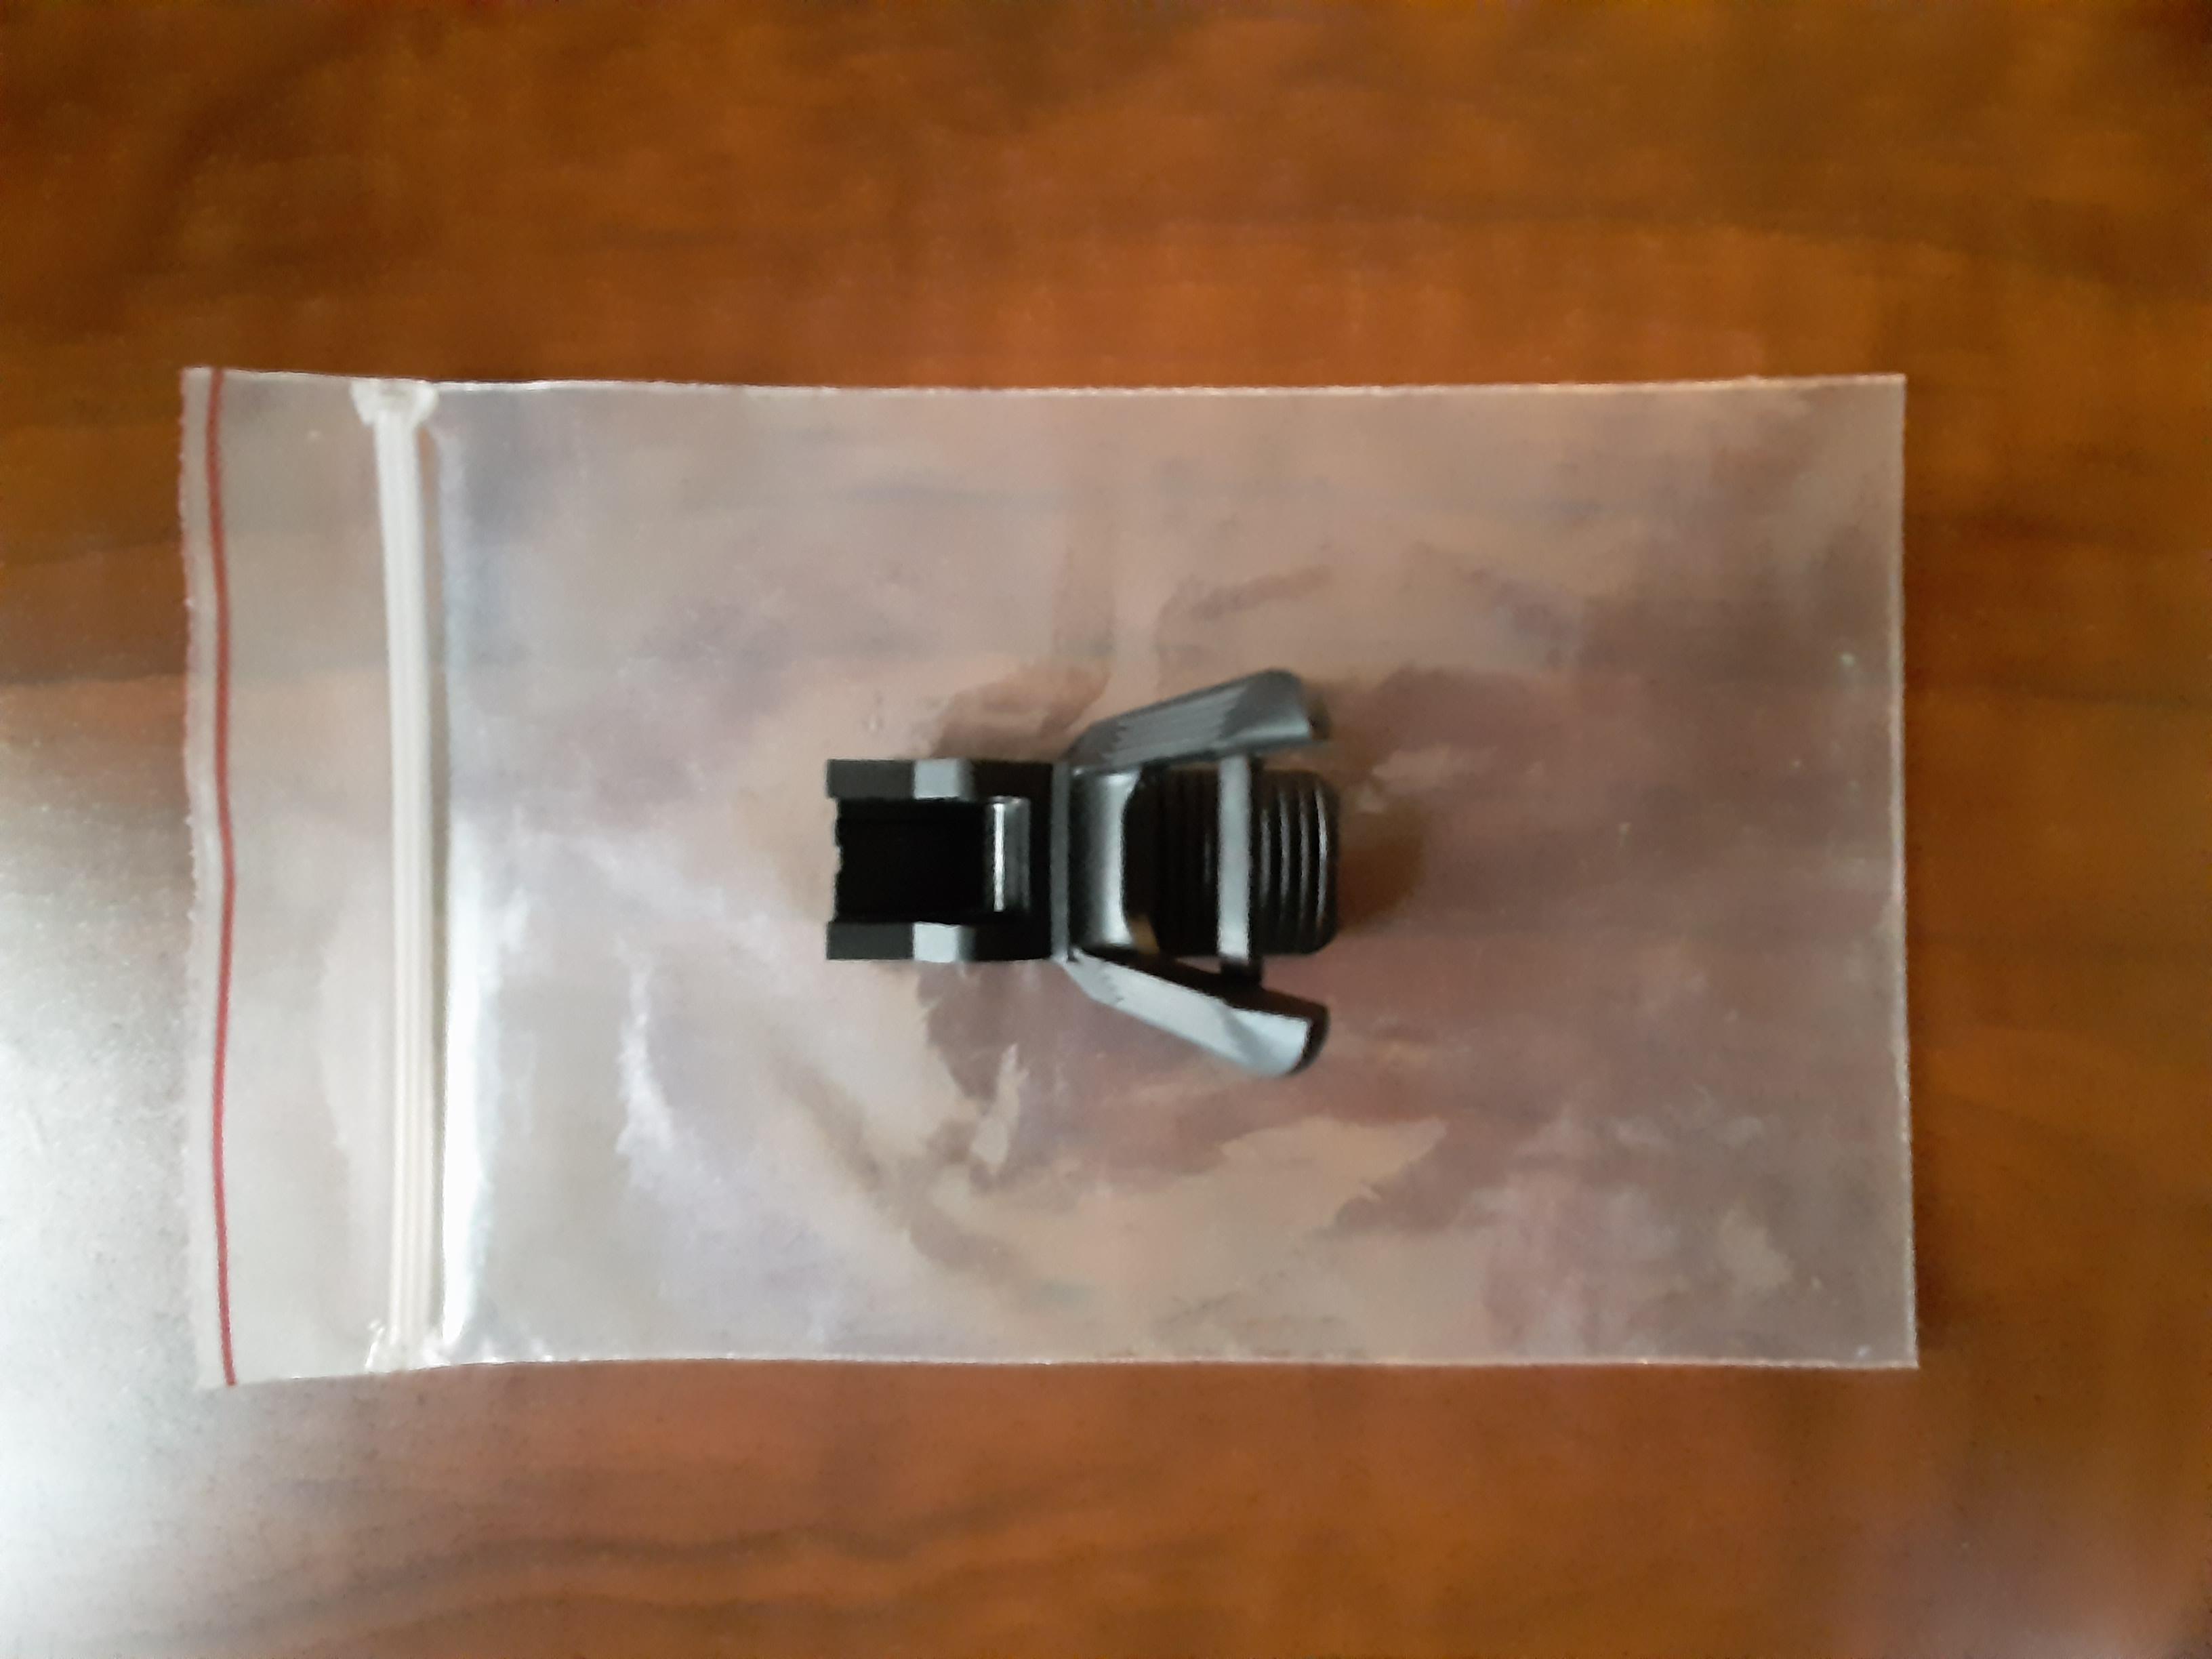 WTS: G36 parts (NIB)-20200802_171549.jpg